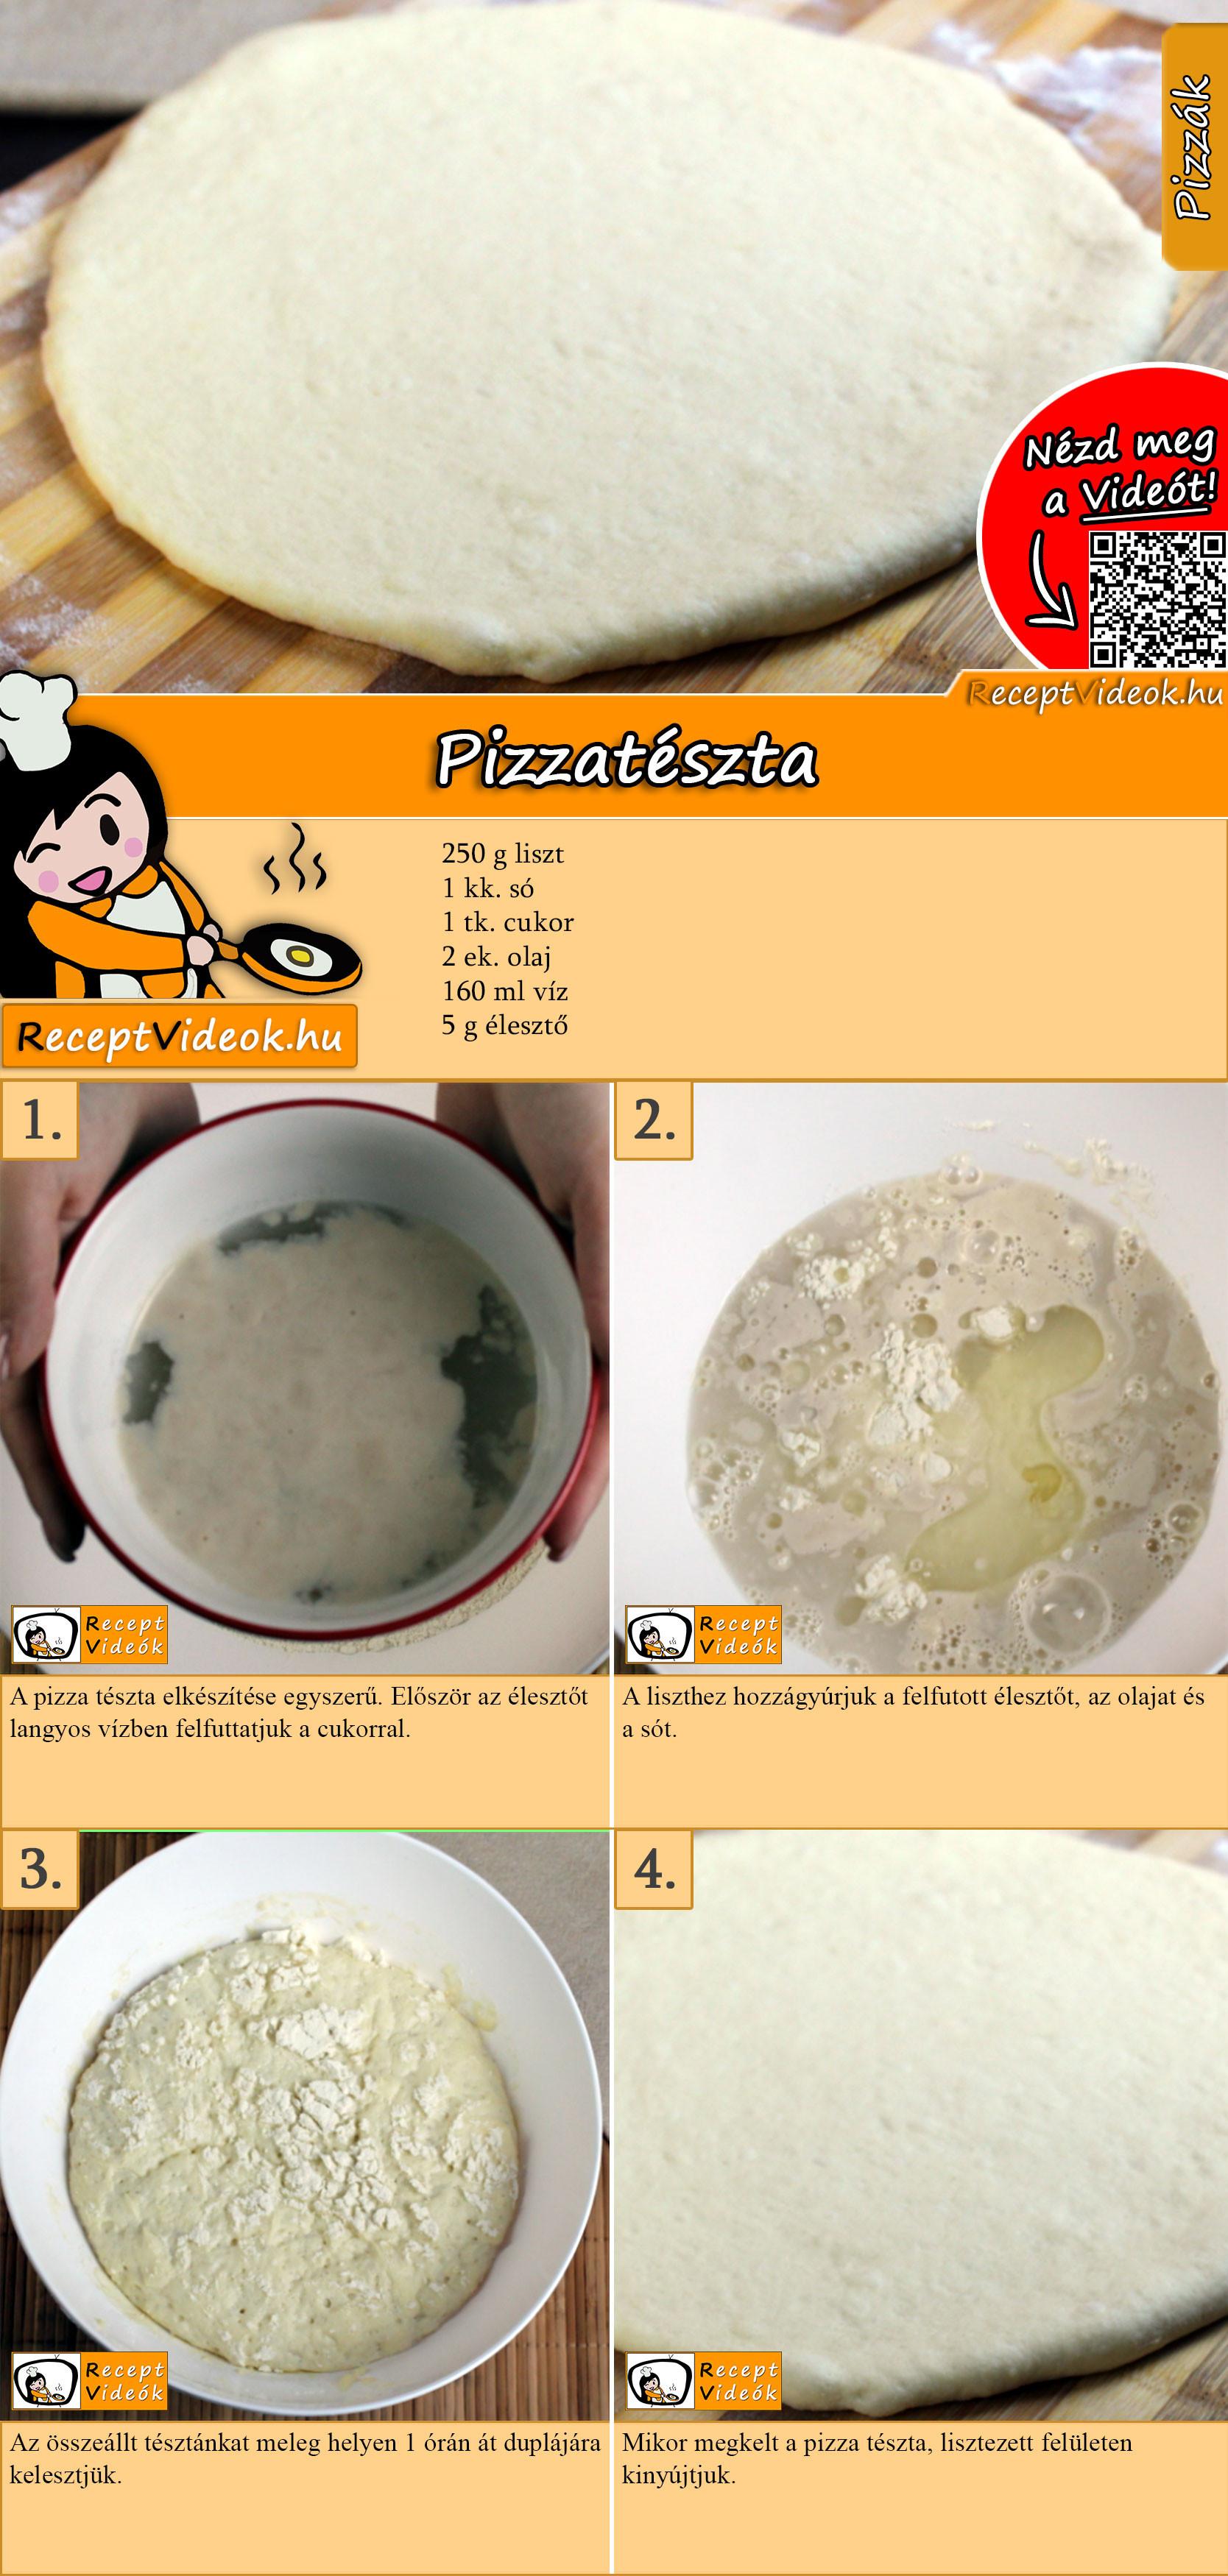 Pizzatészta recept elkészítése videóval